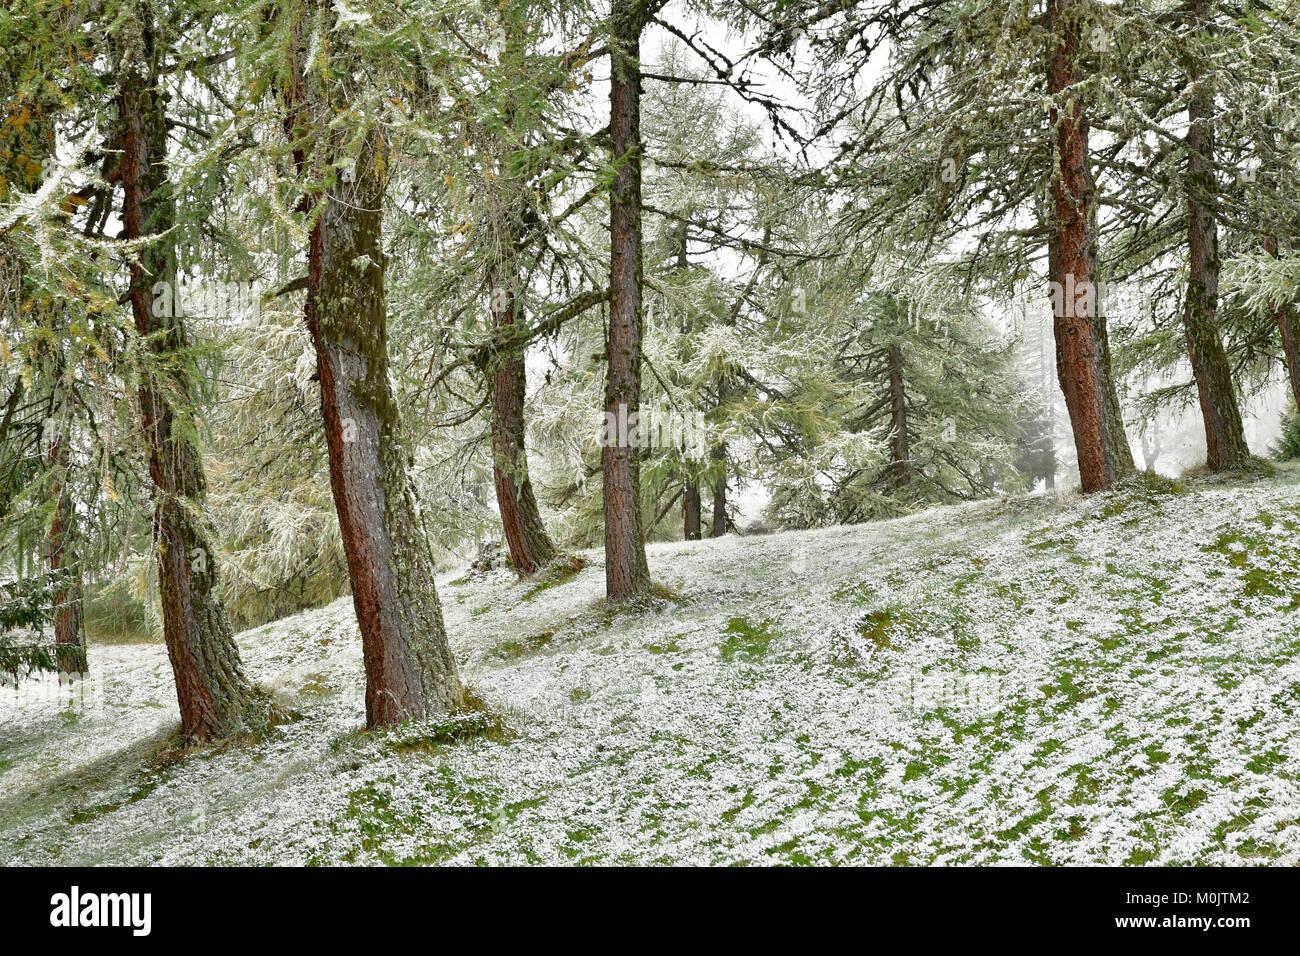 Wald mit Lärchen, ersten Schneefall im Herbst, Obernberg, Tirol, Österreich Stockfoto